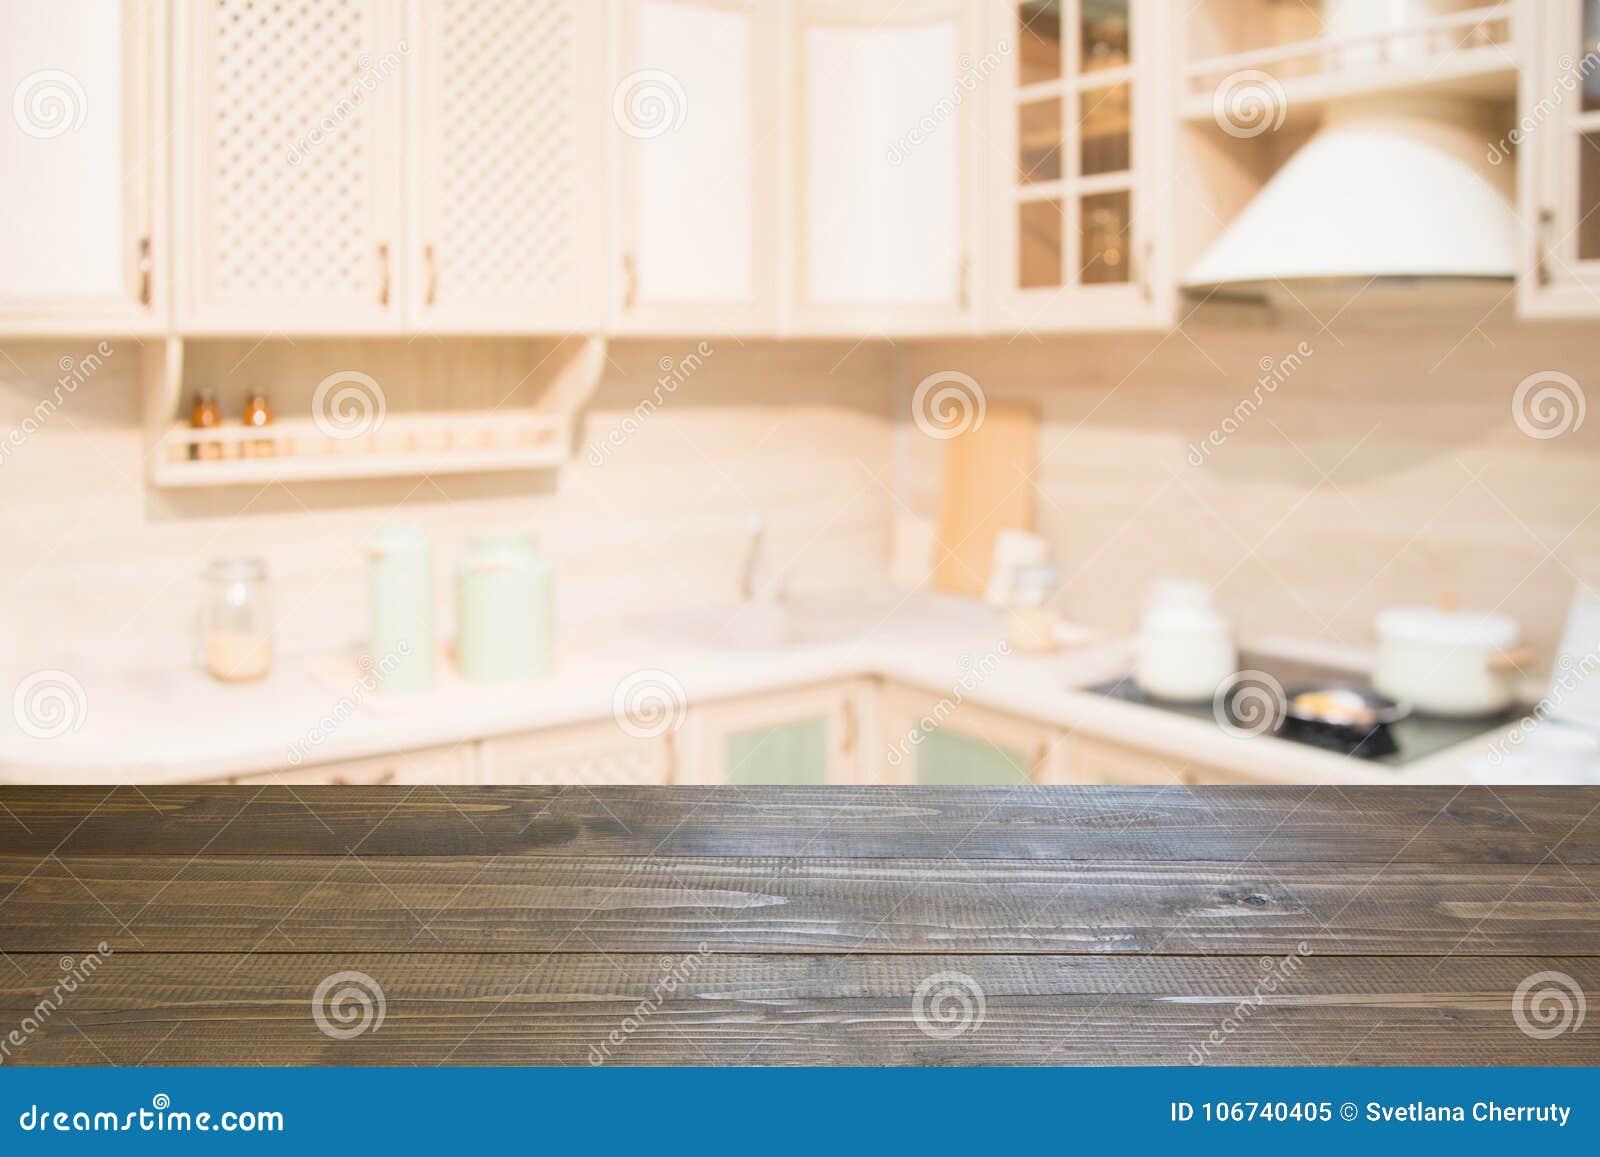 Ripiani In Legno Per Tavoli : Priorità bassa vaga ripiano del tavolo di legno vuoto e cucina